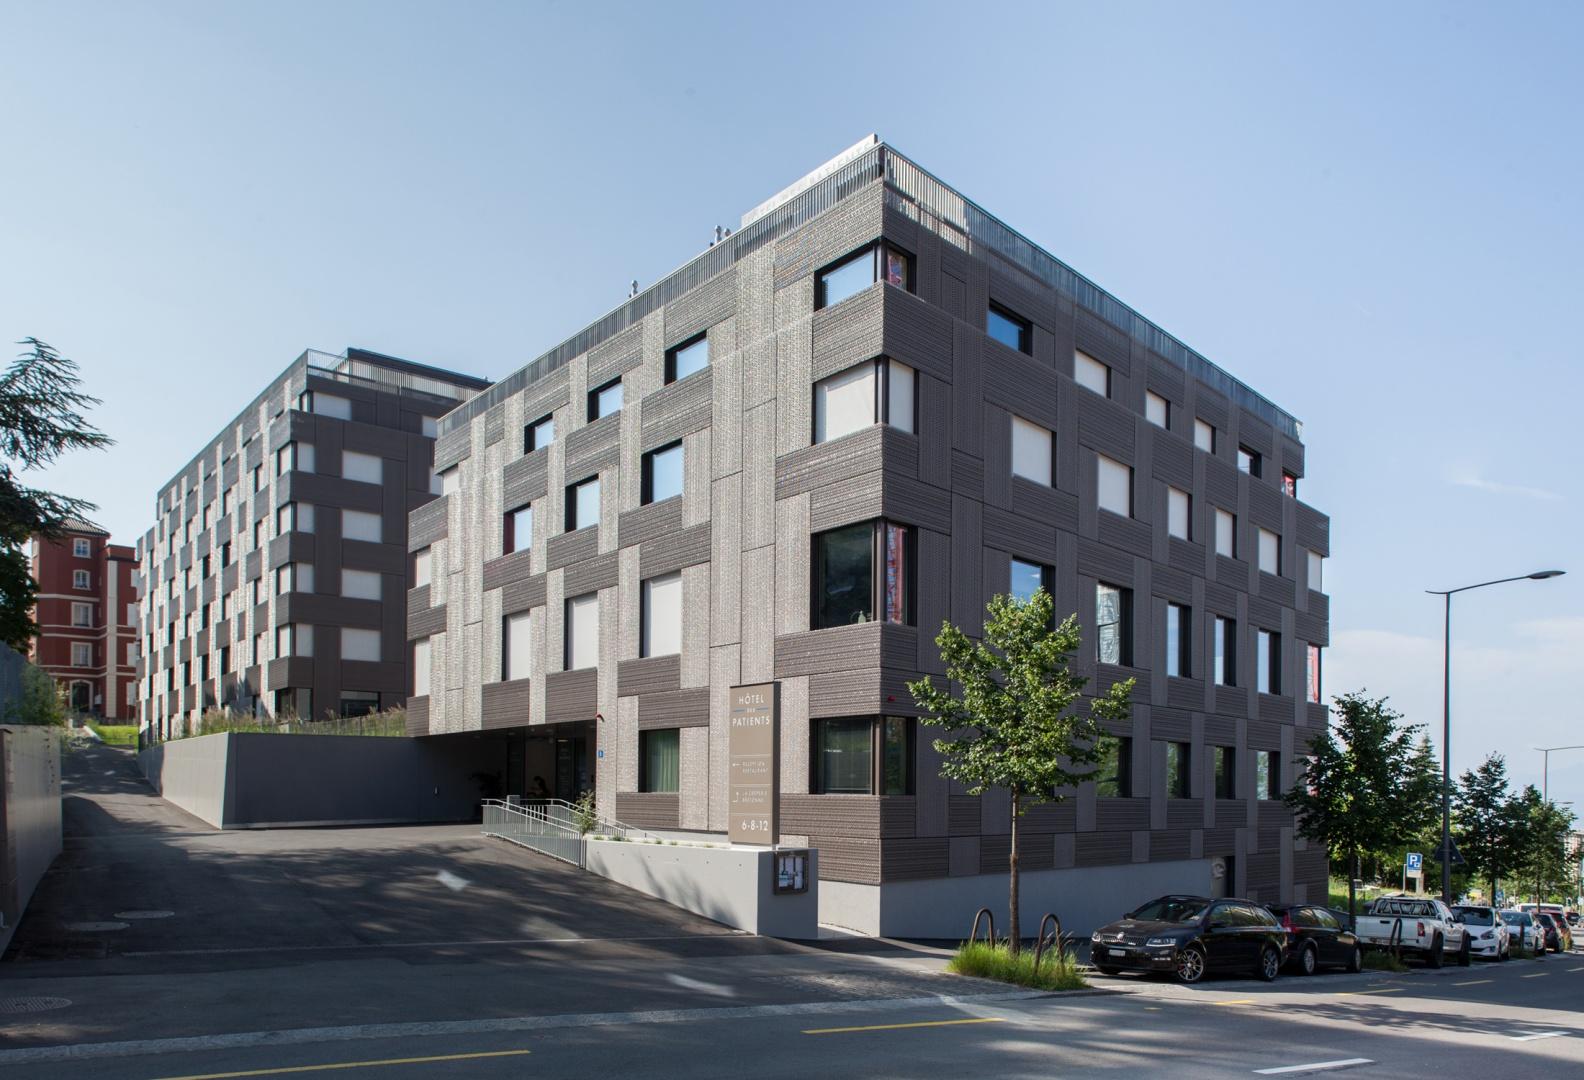 Hotel des patients, Lausanne, Brauen Wälchli Architectes © Brauen Wälchli Architectes, Marc Schellenberg